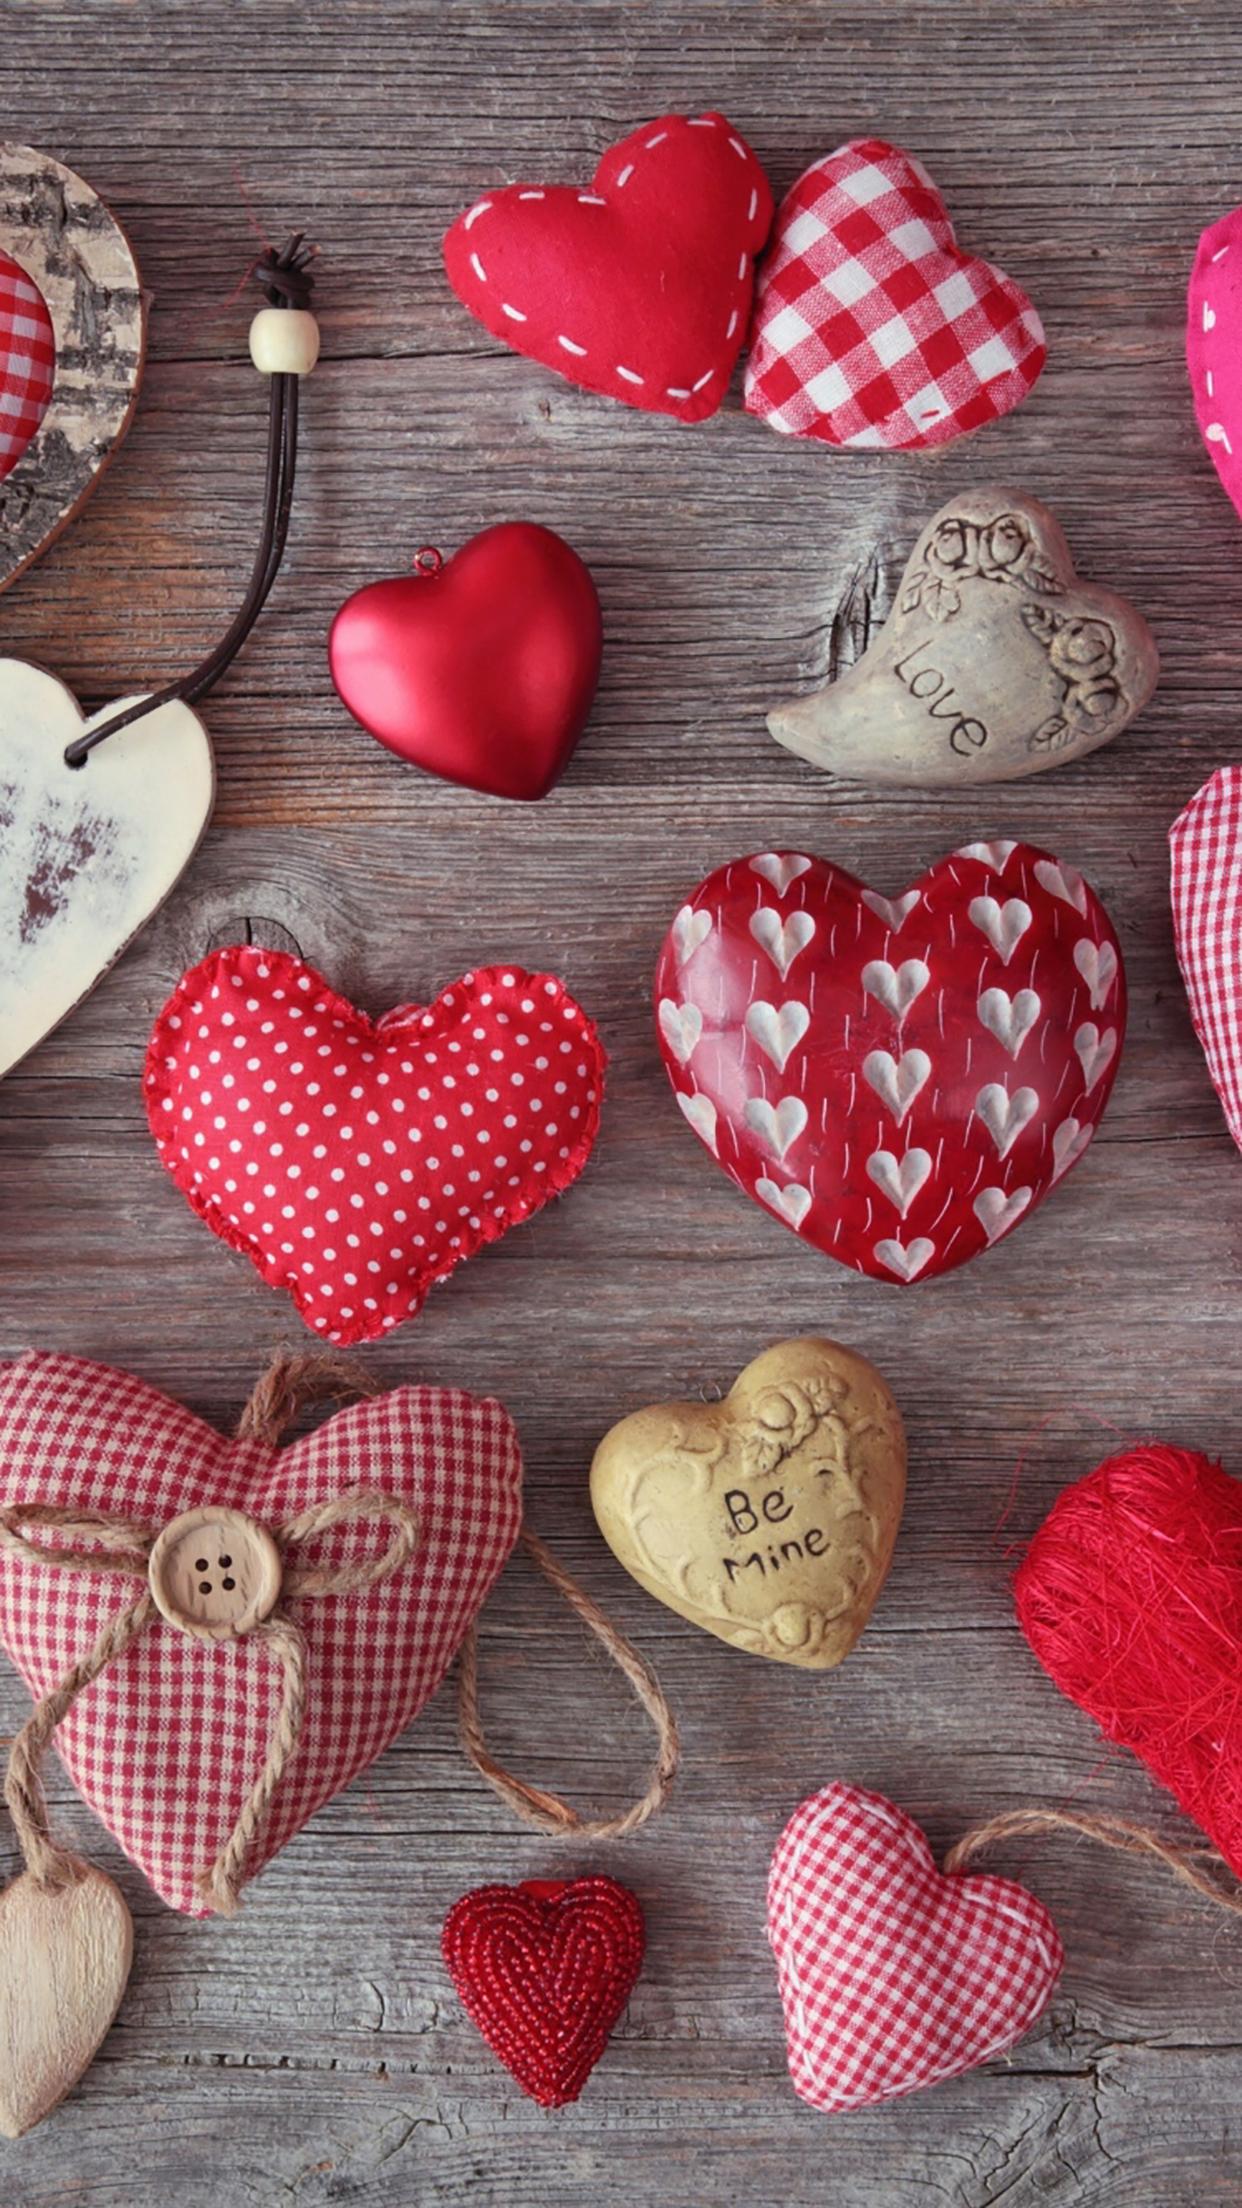 Heart Many Hearts 3Wallpapers iPhone Parallax Heart : Many Hearts